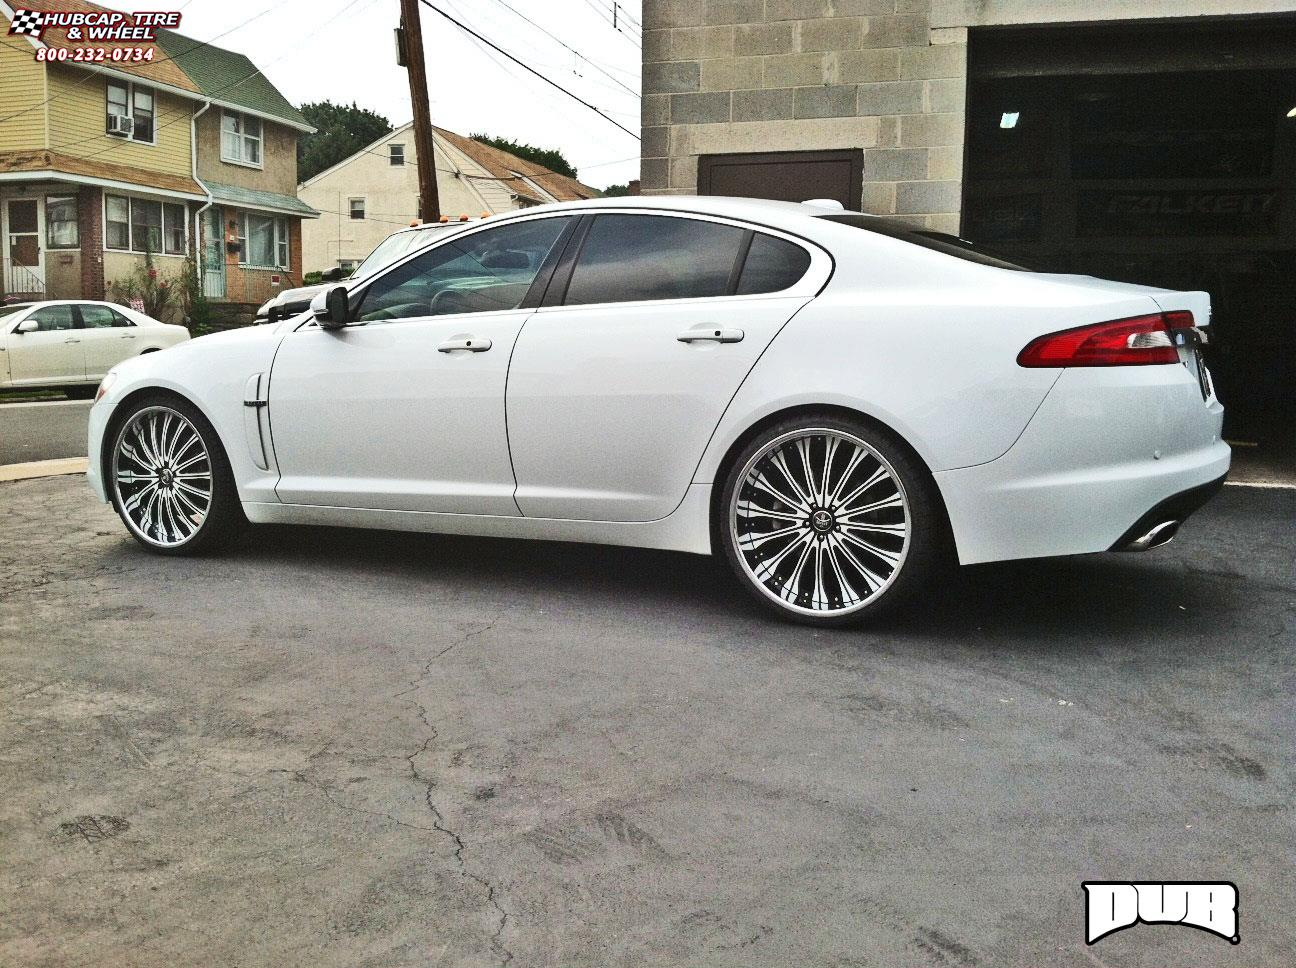 Jaguar xf wheels 20 - jaguar xf 20 inch wheels | eBay